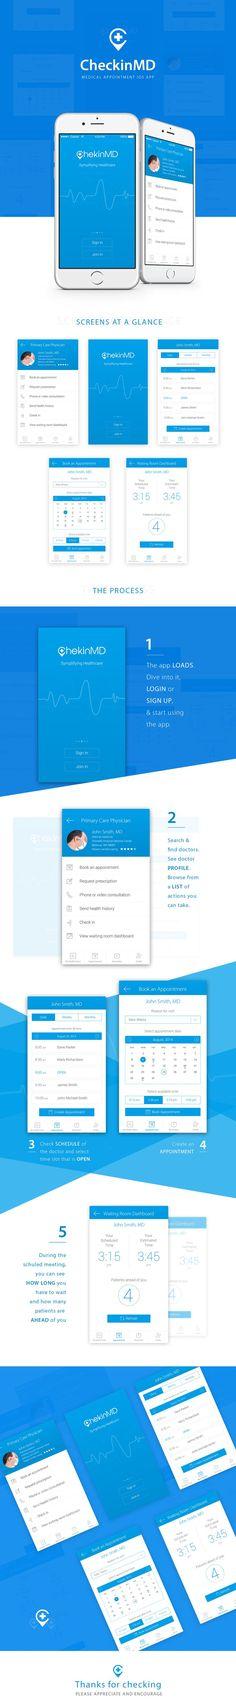 25 Ideas For Medical App Design Mobile Ui Graphisches Design, App Ui Design, Book Design, Gui Interface, User Interface Design, App Design Inspiration, Medical Design, Mobile Ui Design, Health App